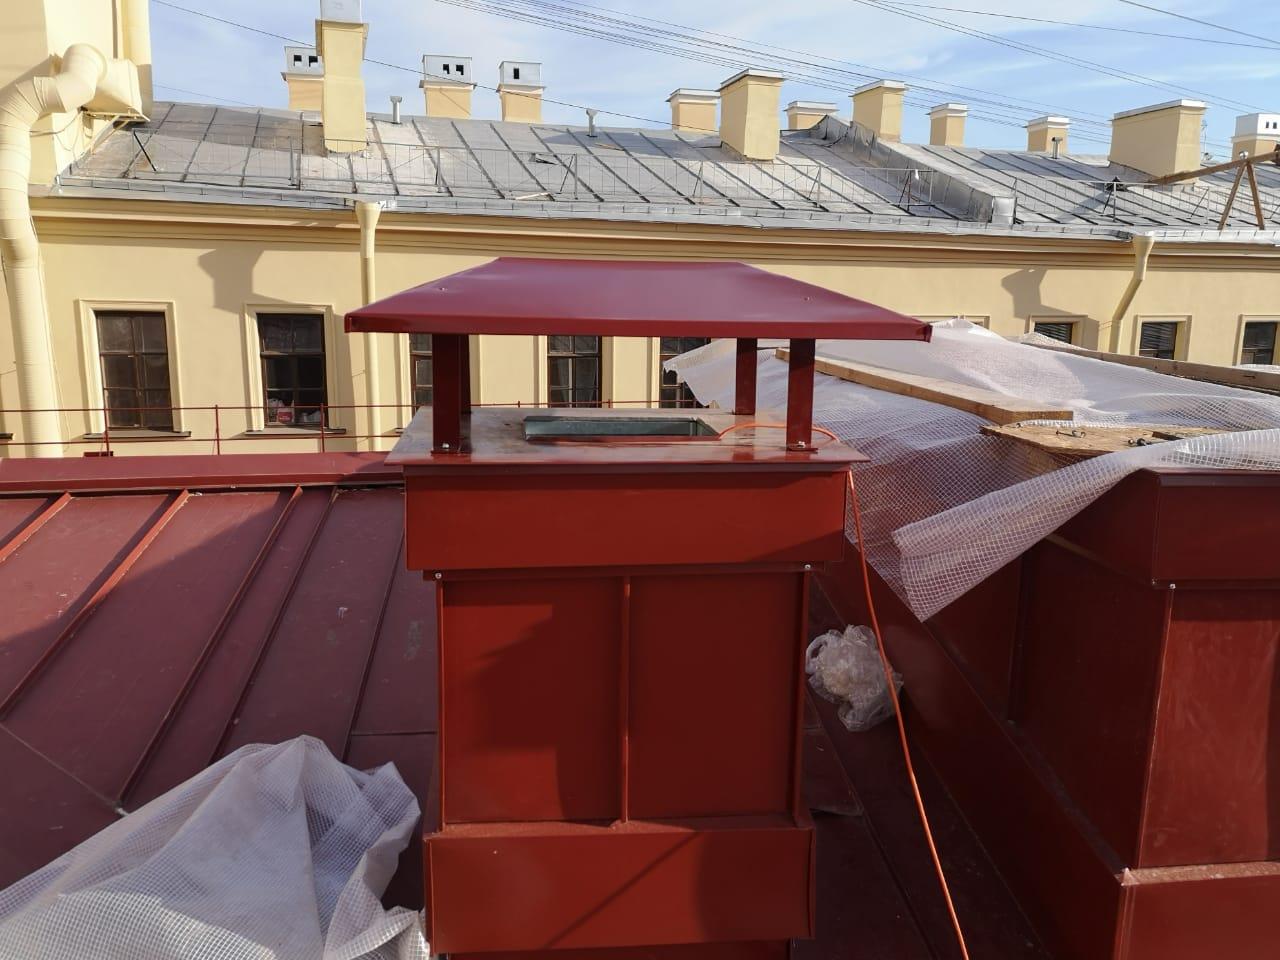 Работы по монтажу вентиляционных каналов кровли здания с частичной заменой пирога кровли